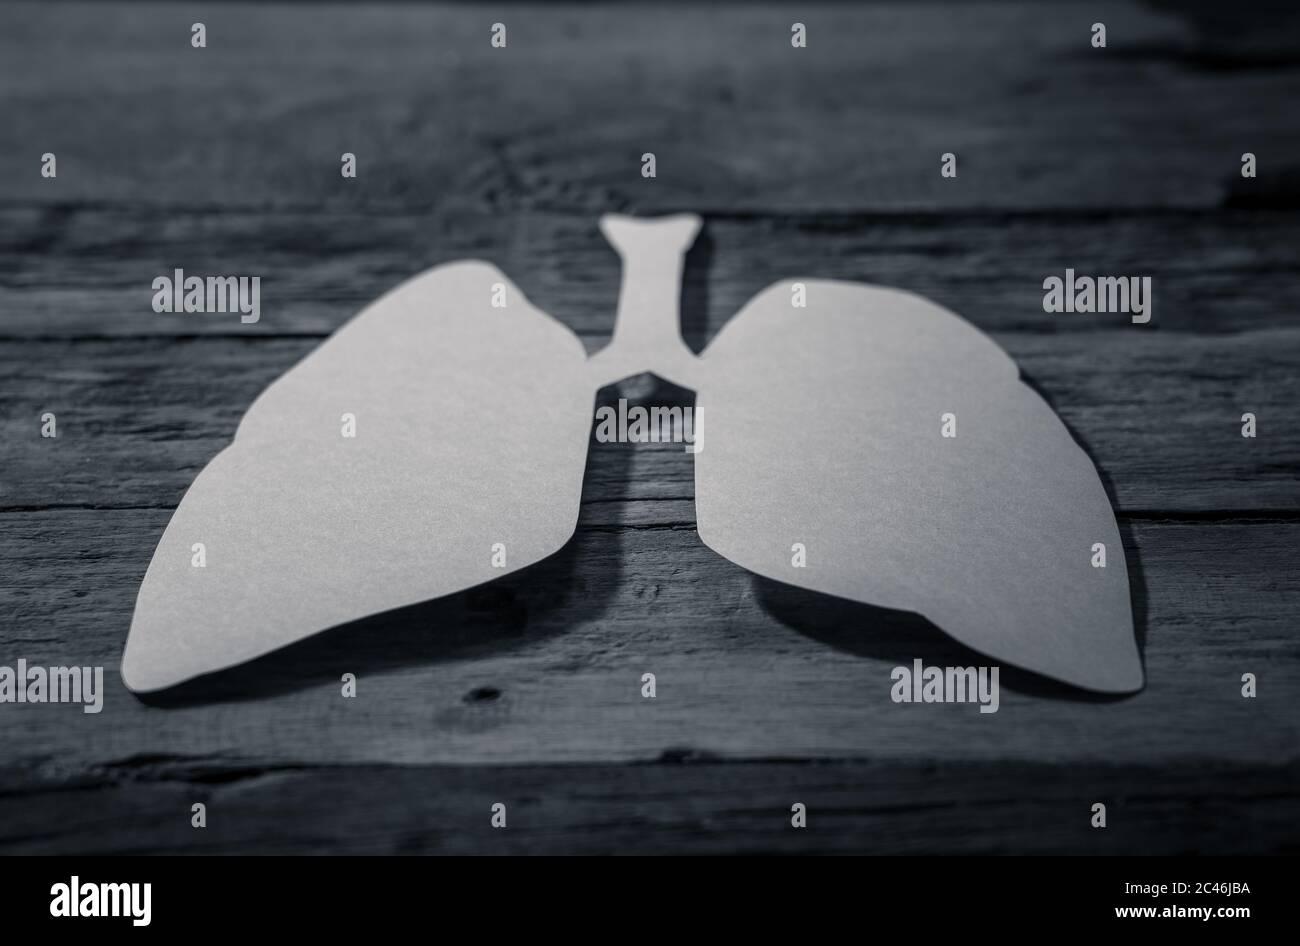 Simbolo dei polmoni isolato su sfondo rustico. Giornata mondiale della tubercolosi. Assistenza sanitaria, medicina, cancro ai polmoni, organo donatore interno e campagna di smettere di fumare Foto Stock